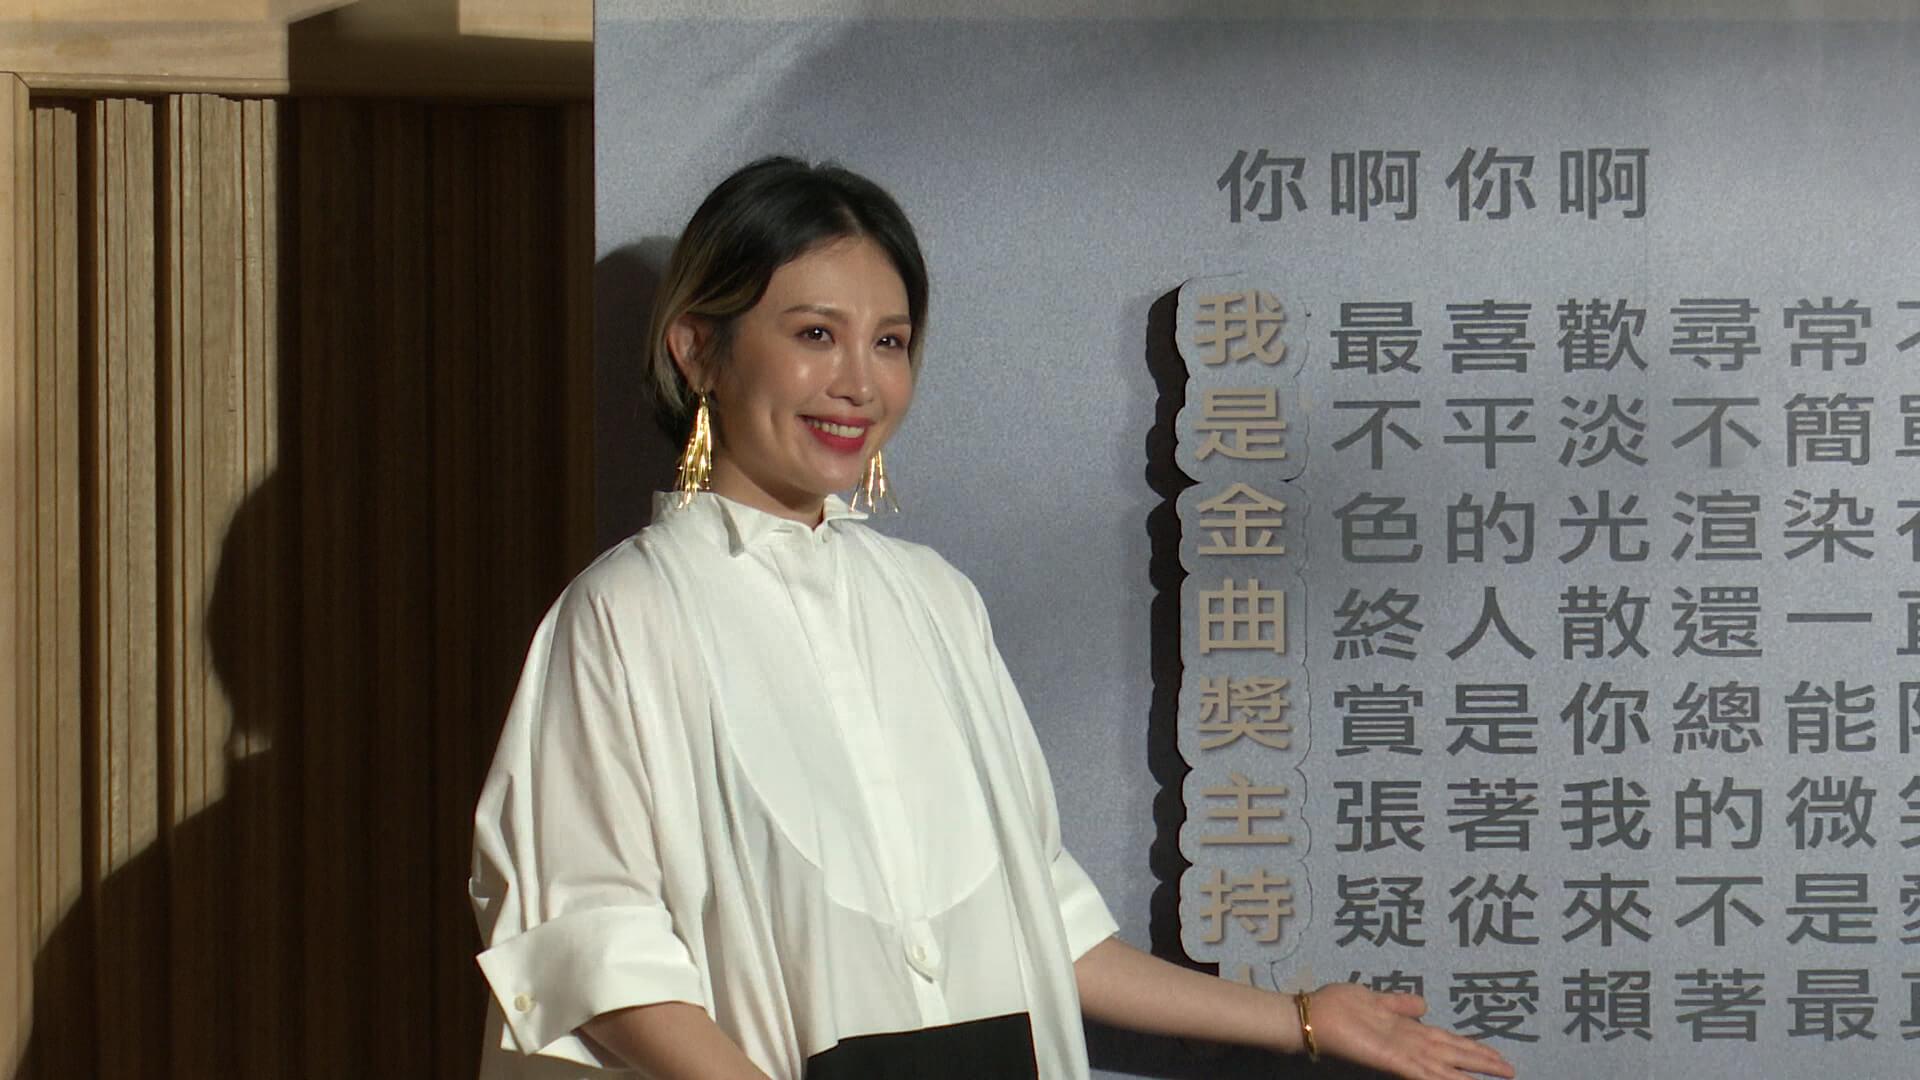 金曲31/我是金曲奖主持人!魏如萱公开「神秘单曲」:要试着收敛! - 收藏派